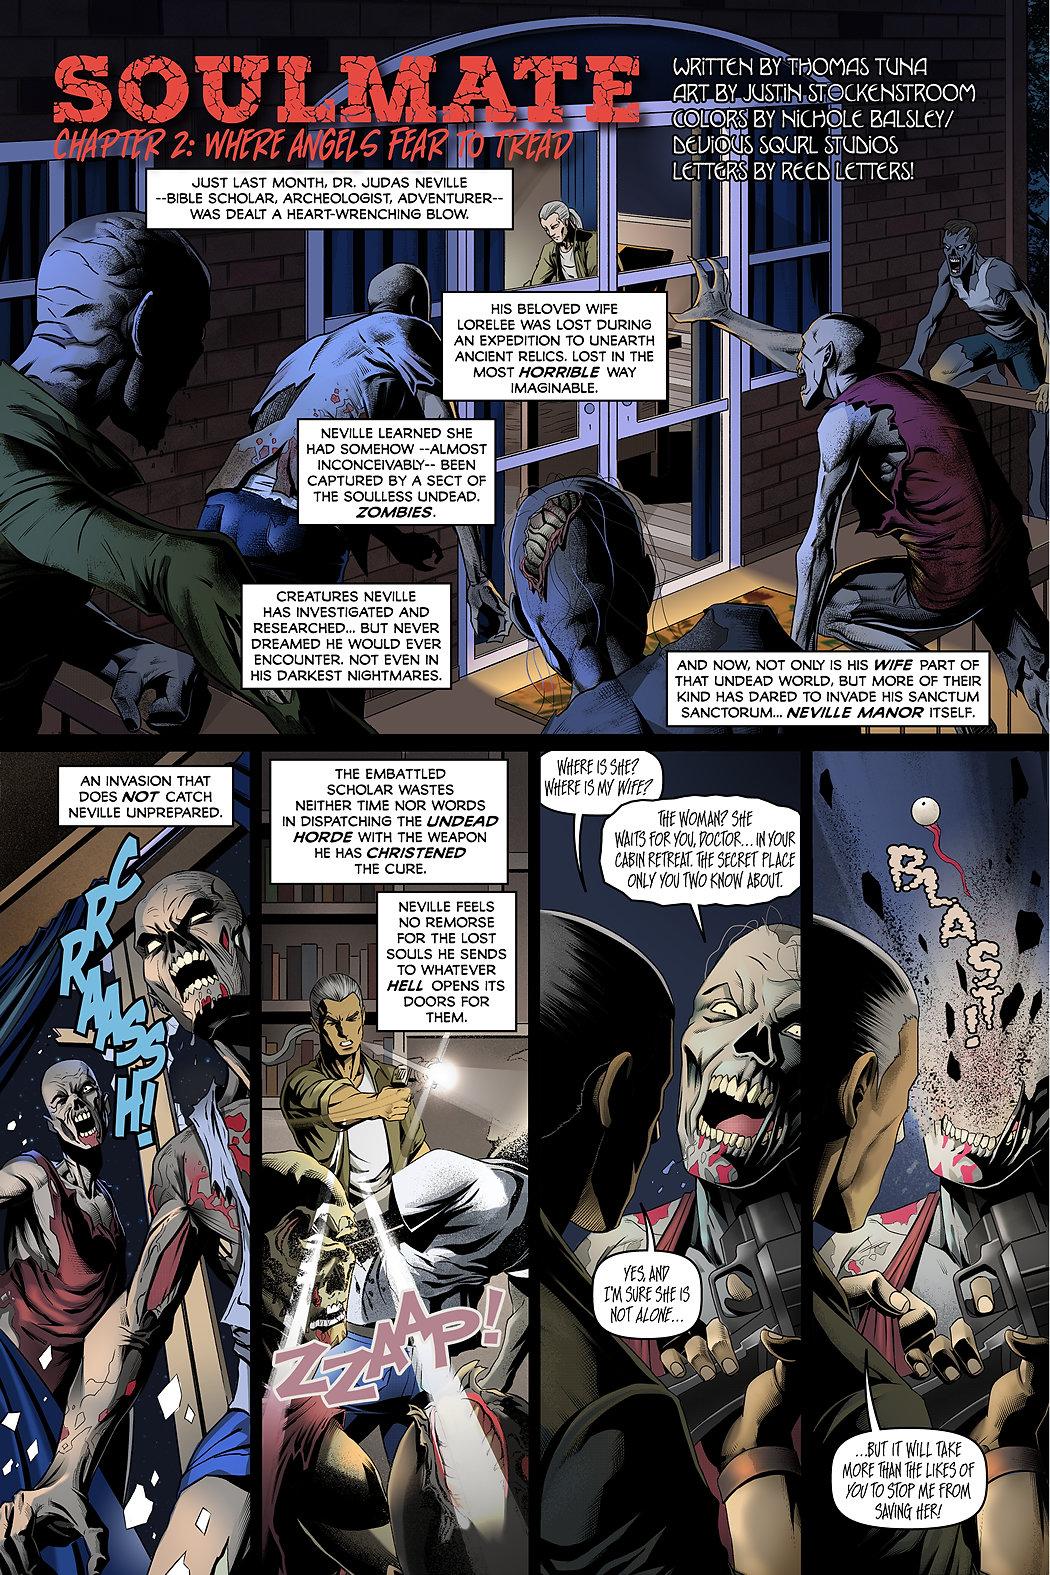 Soulmate02_Page01.jpg